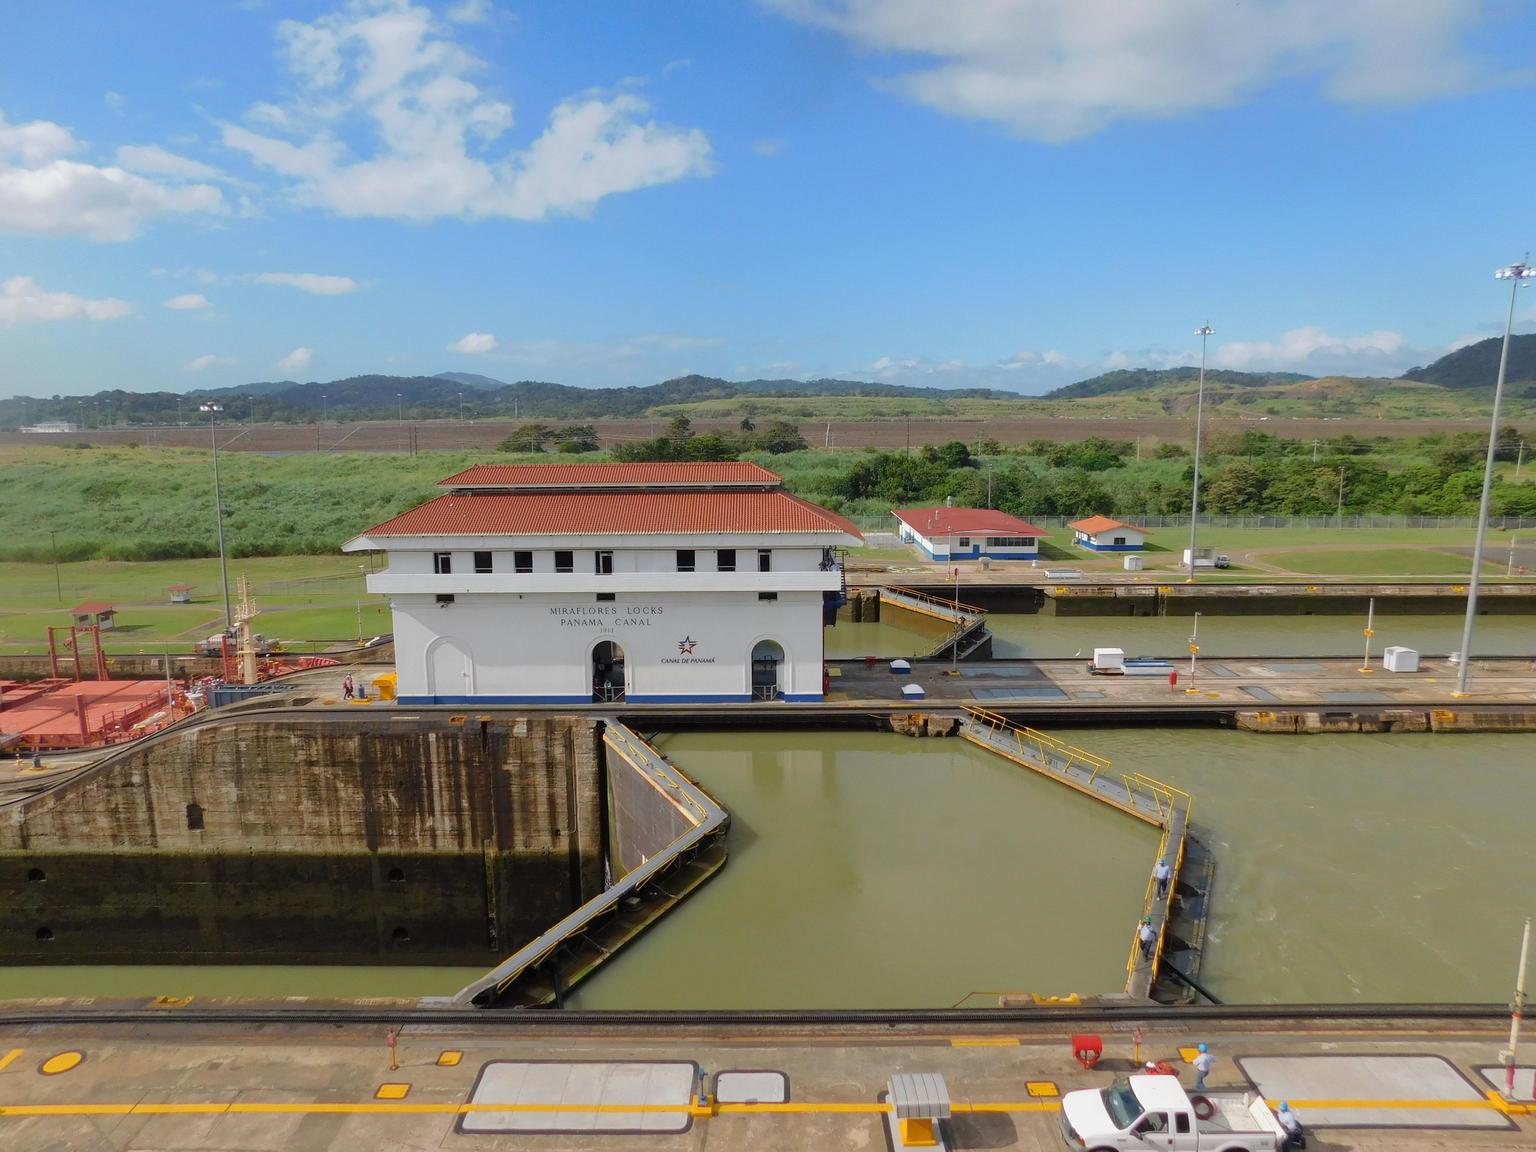 MÁS FOTOS, Recorrido por la ciudad de Panamá con Canal de Panamá y esclusas de Miraflores